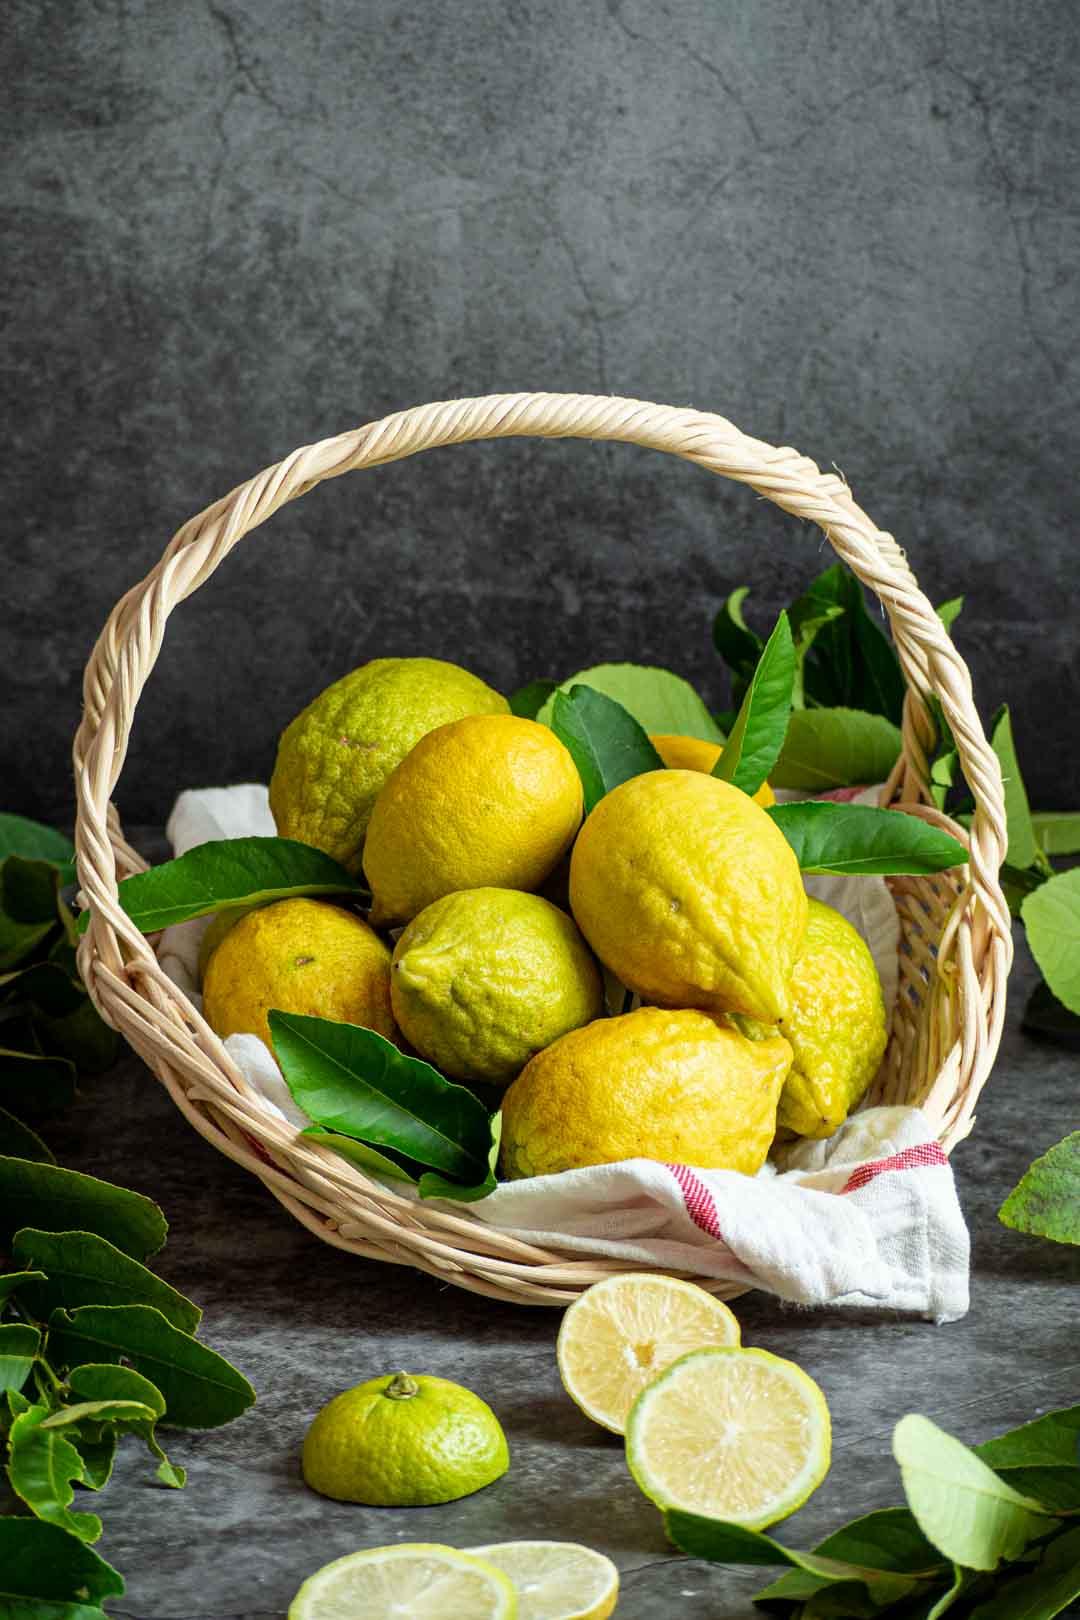 freshly picked lemons in a basket